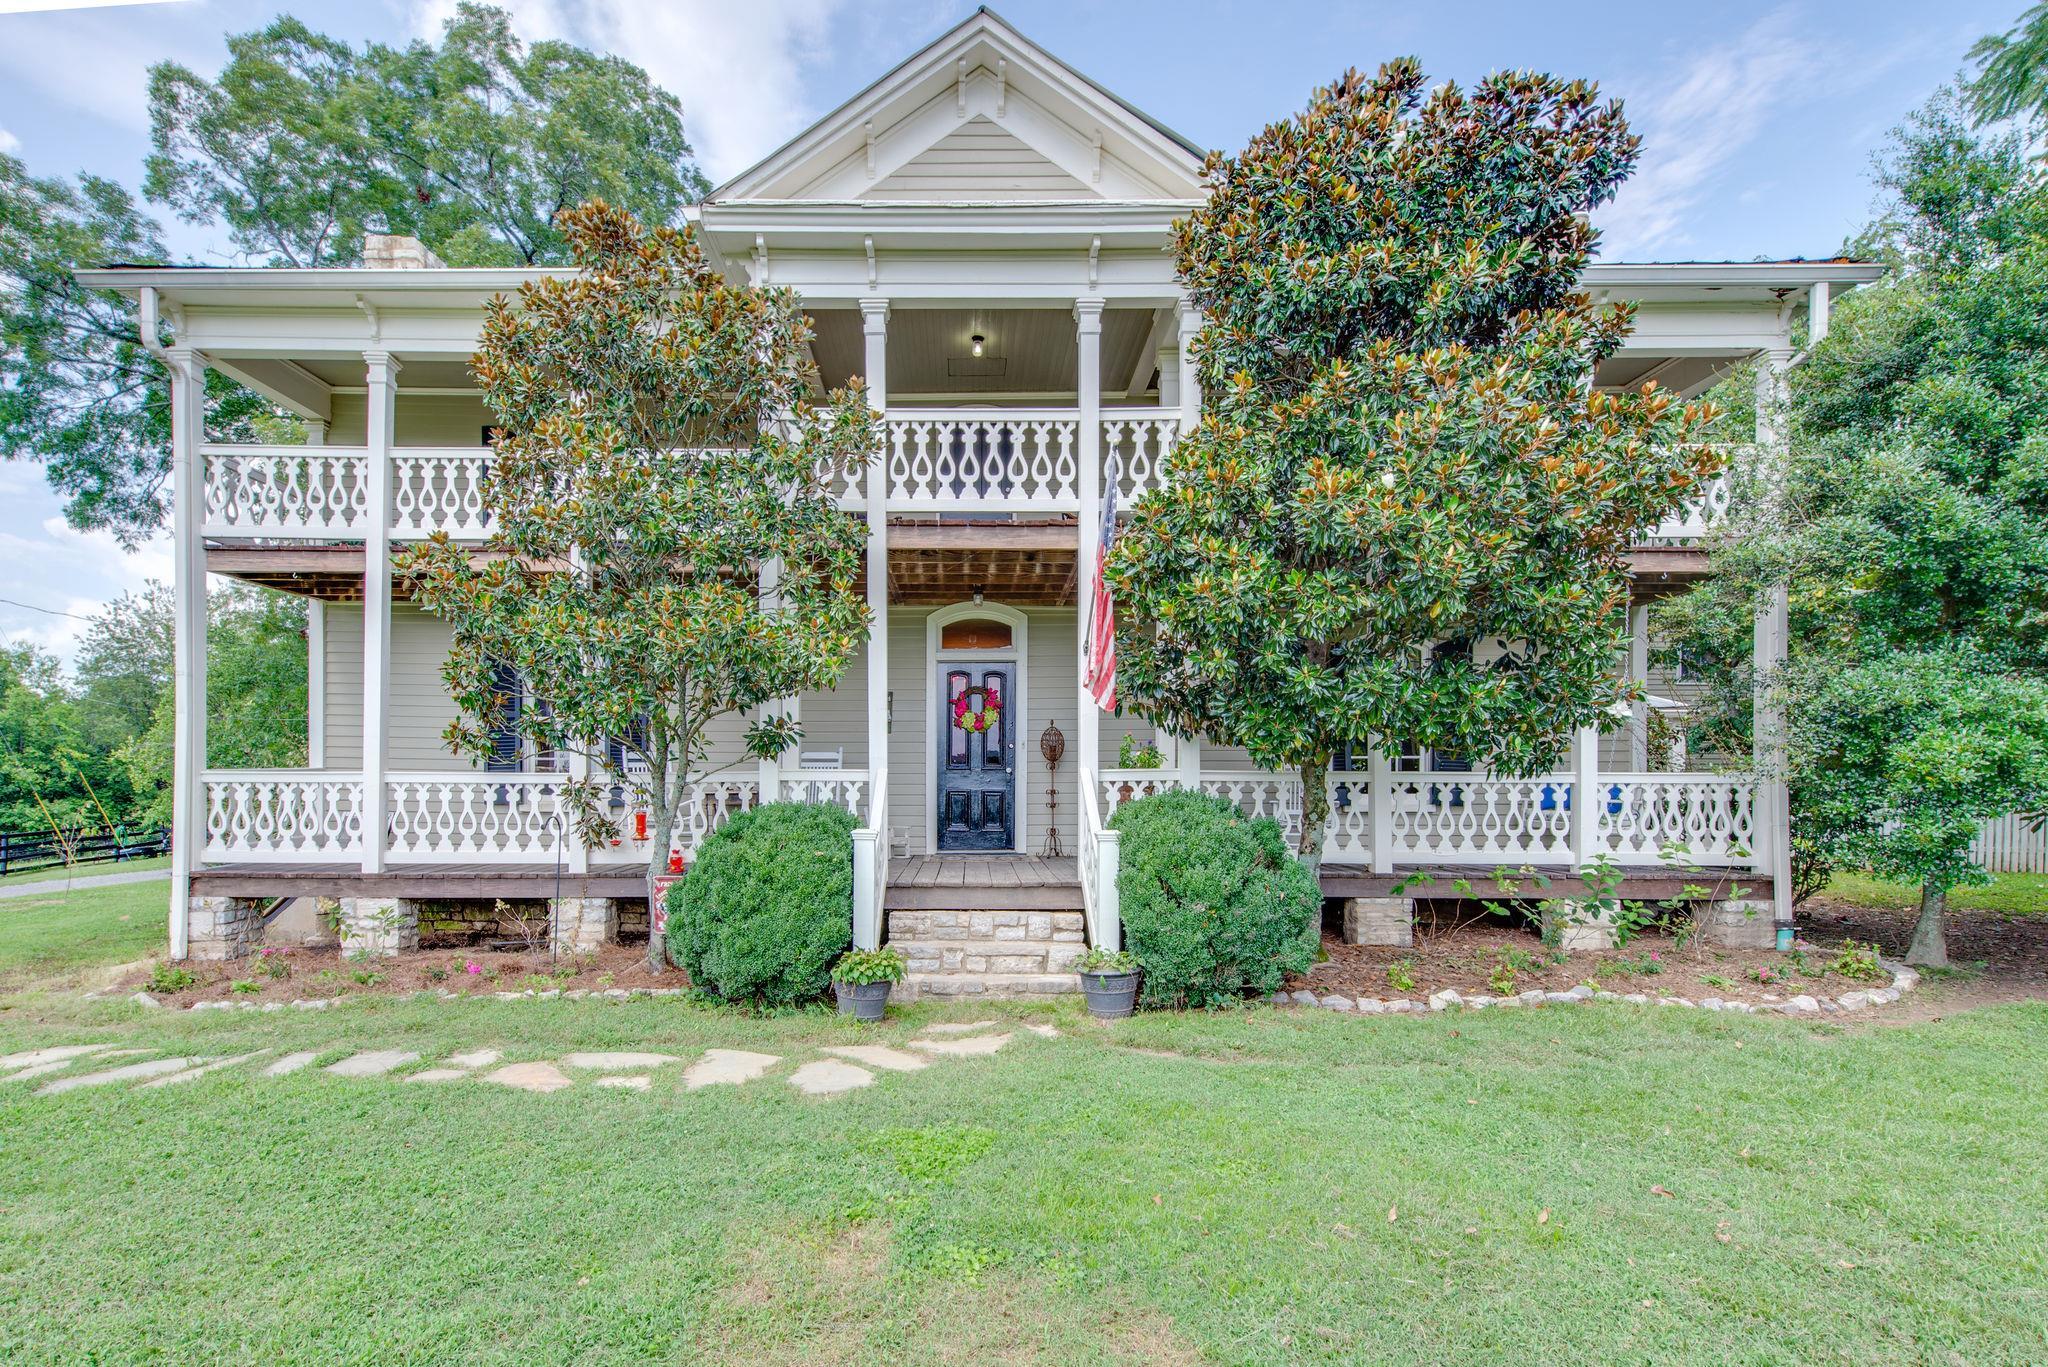 2474 Rocky Fork Rd, Nolensville, TN 37135 - Nolensville, TN real estate listing